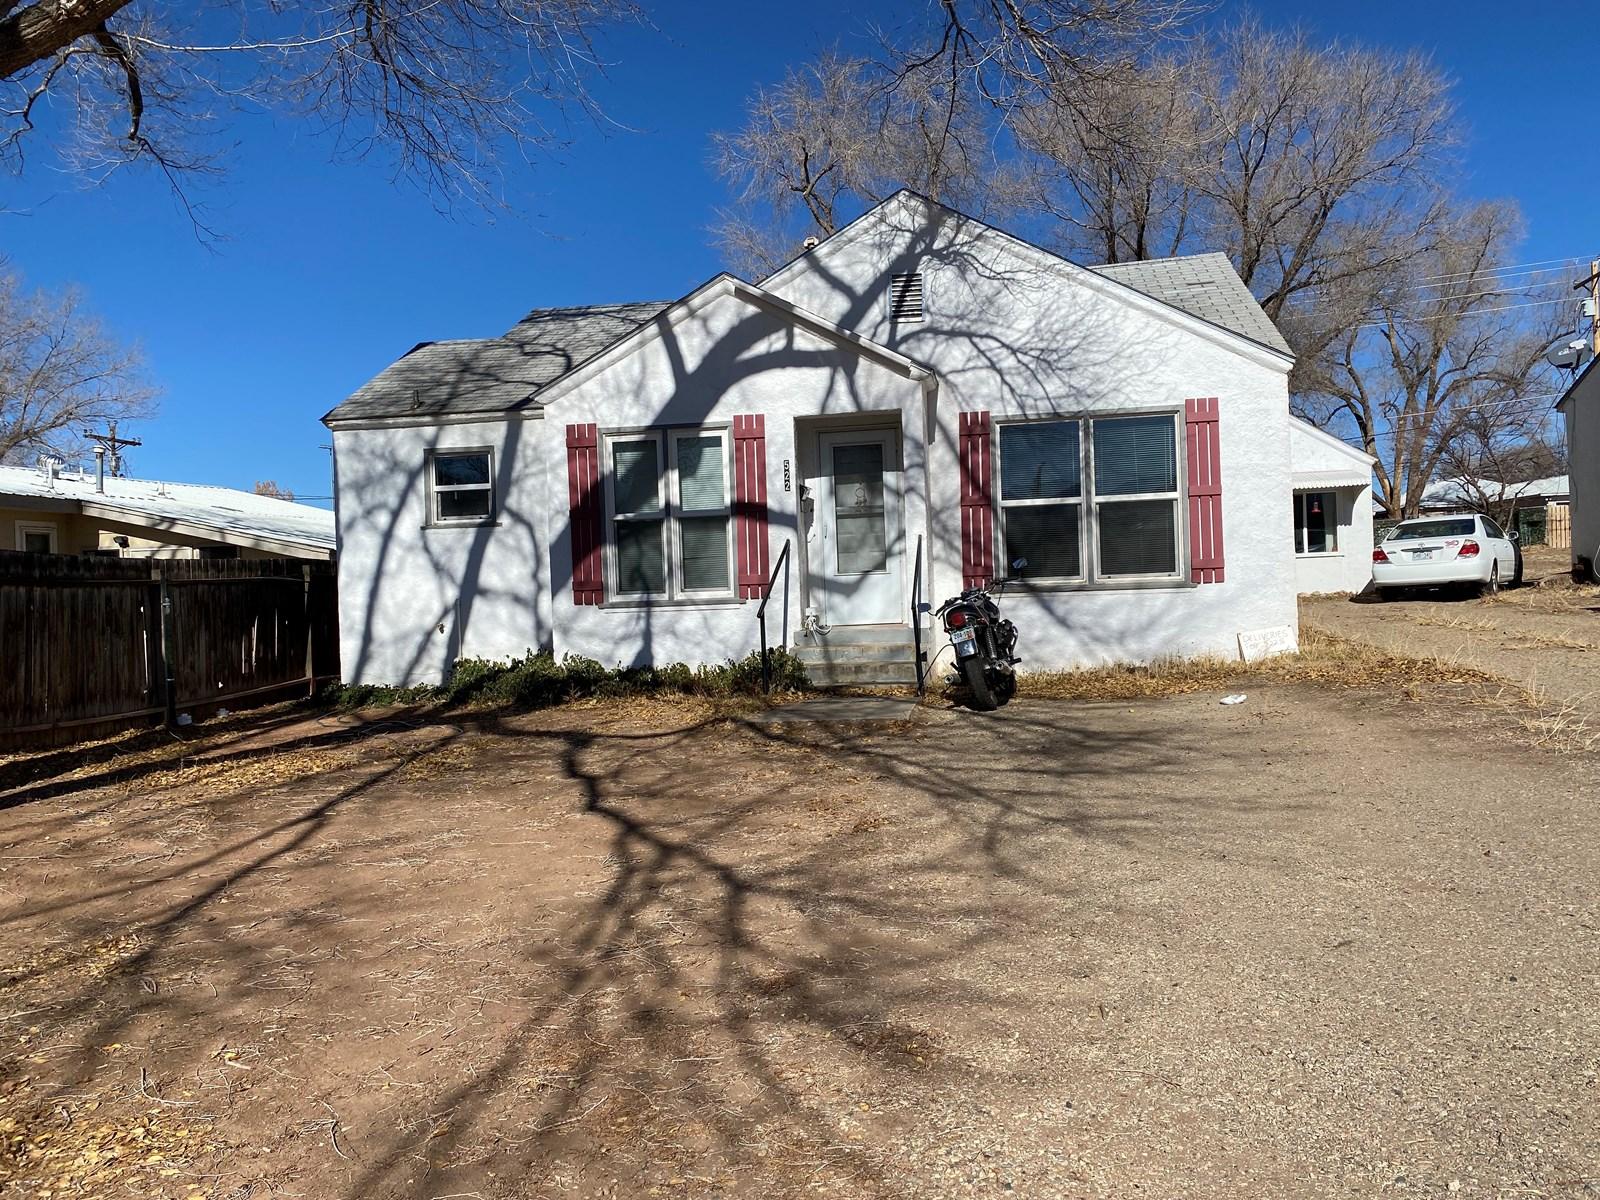 Home For Sale in Cortez, Colorado!